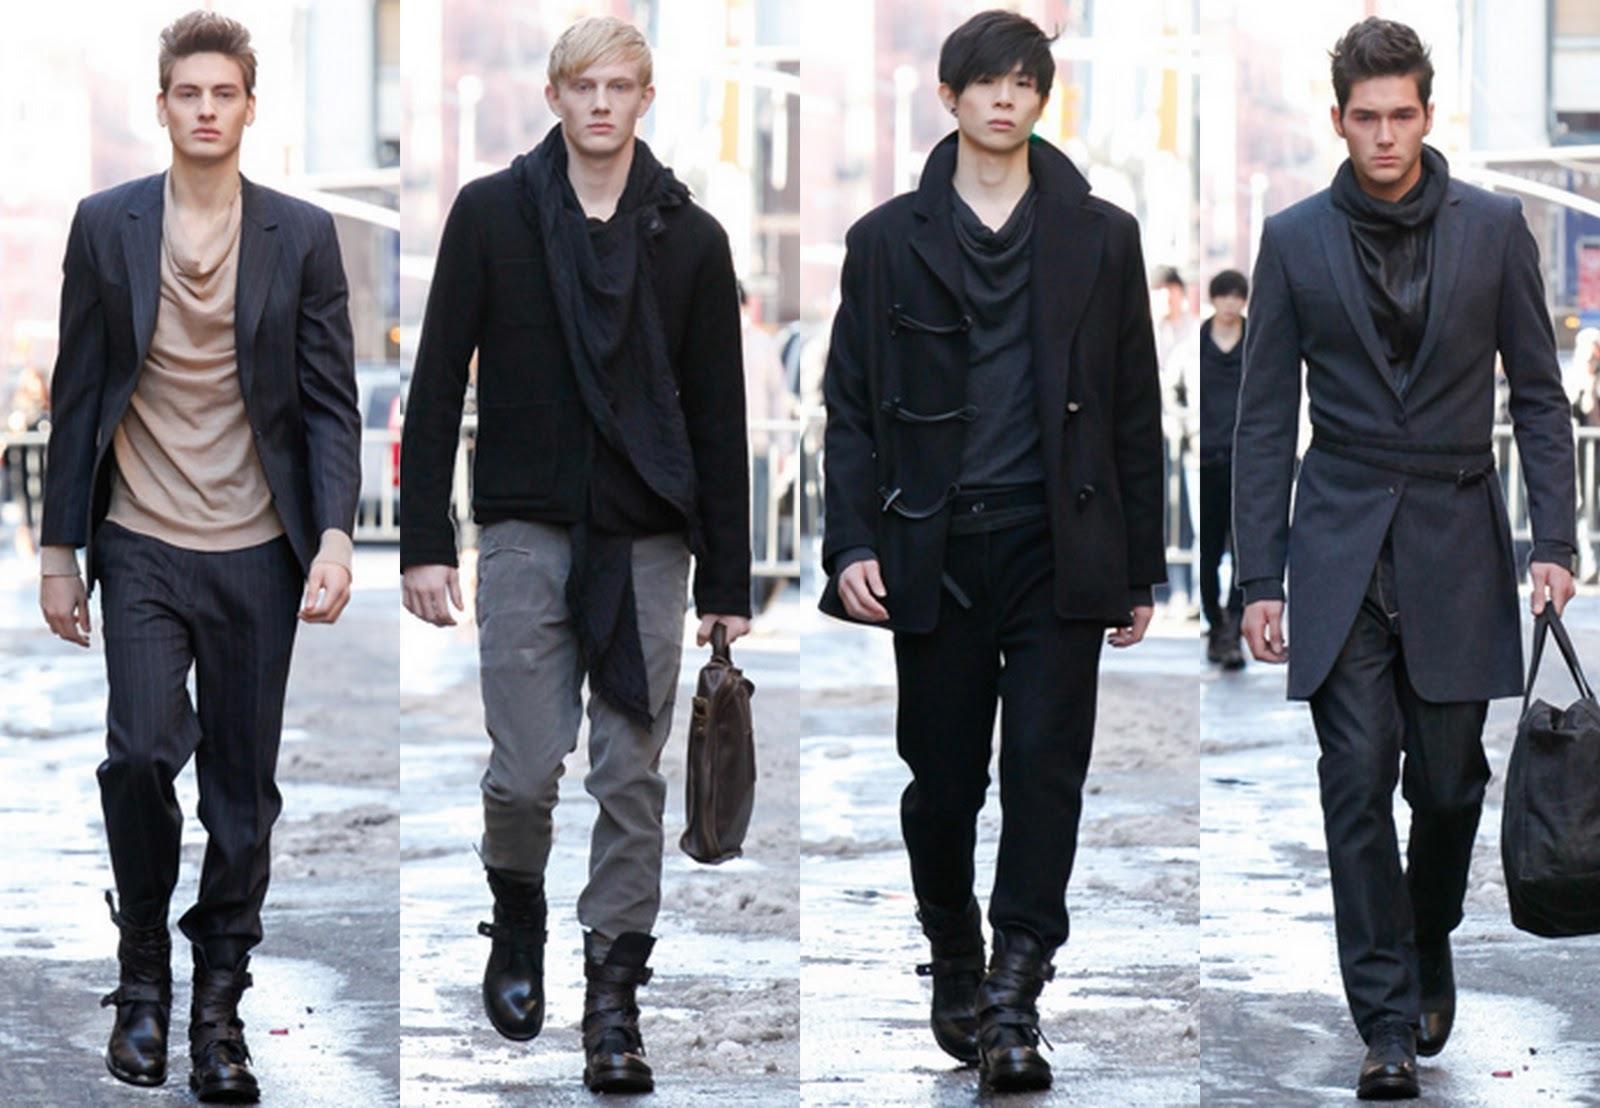 Männermode für den Herbst - Outfits